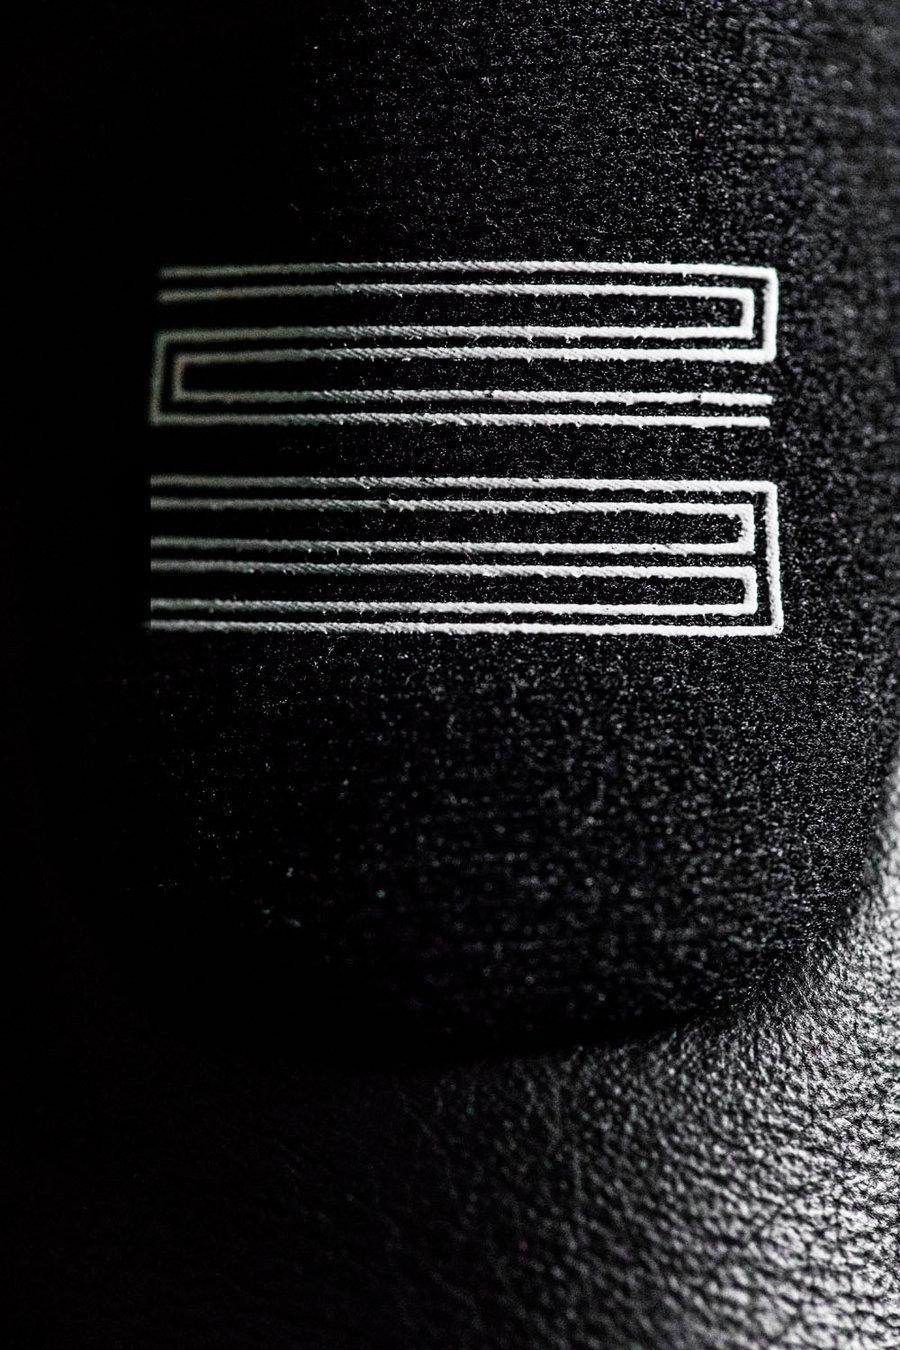 上脚,Air Jordan 11,AJ11 黑红 AJ11 惊艳开箱!这细节,这上脚效果真绝了!只买一双可不够!